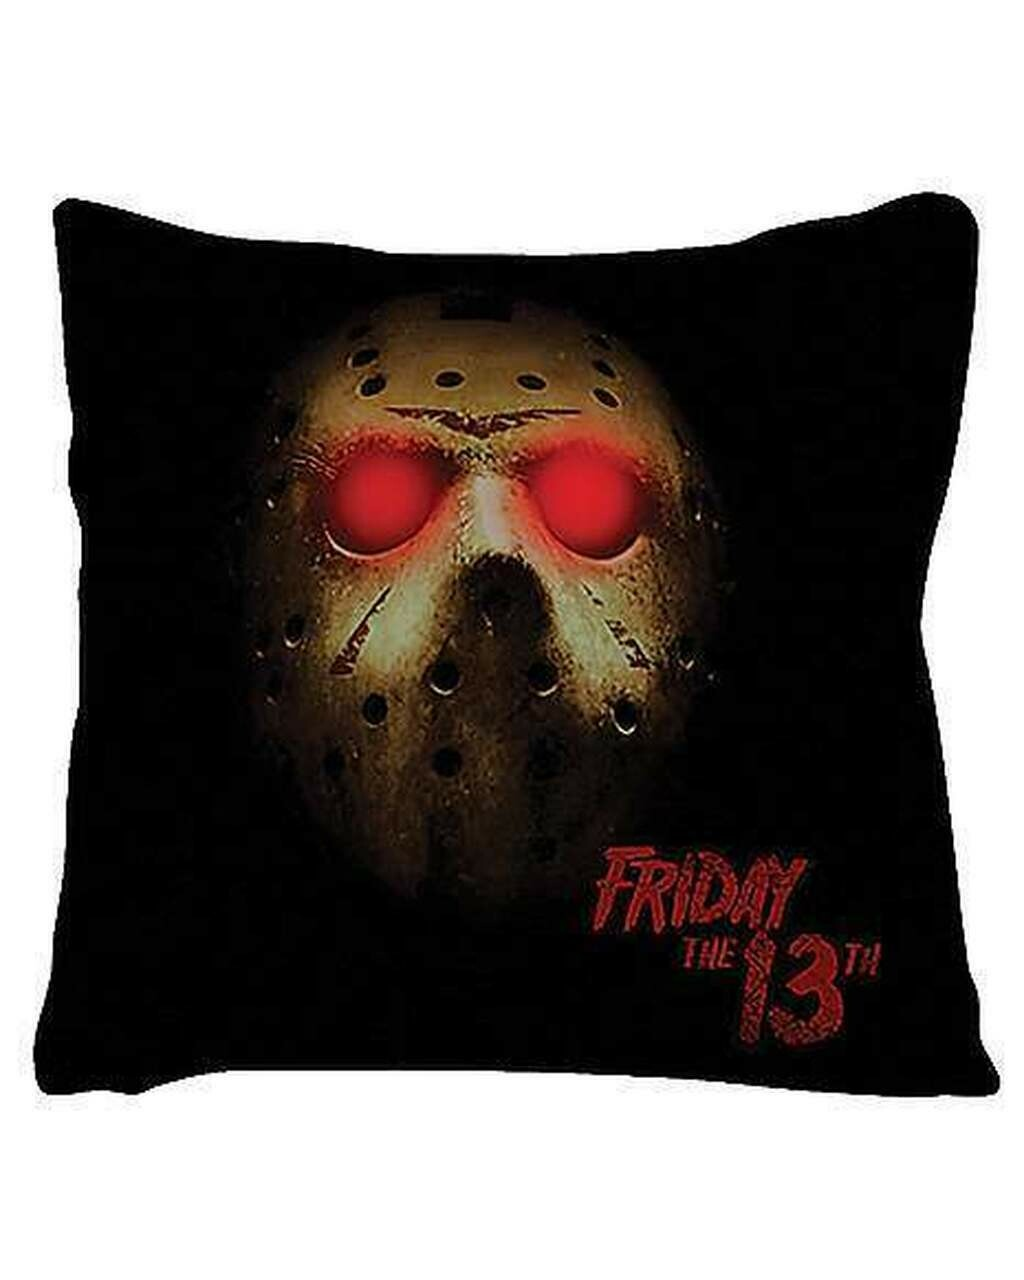 Light-Up Pillow - Jason